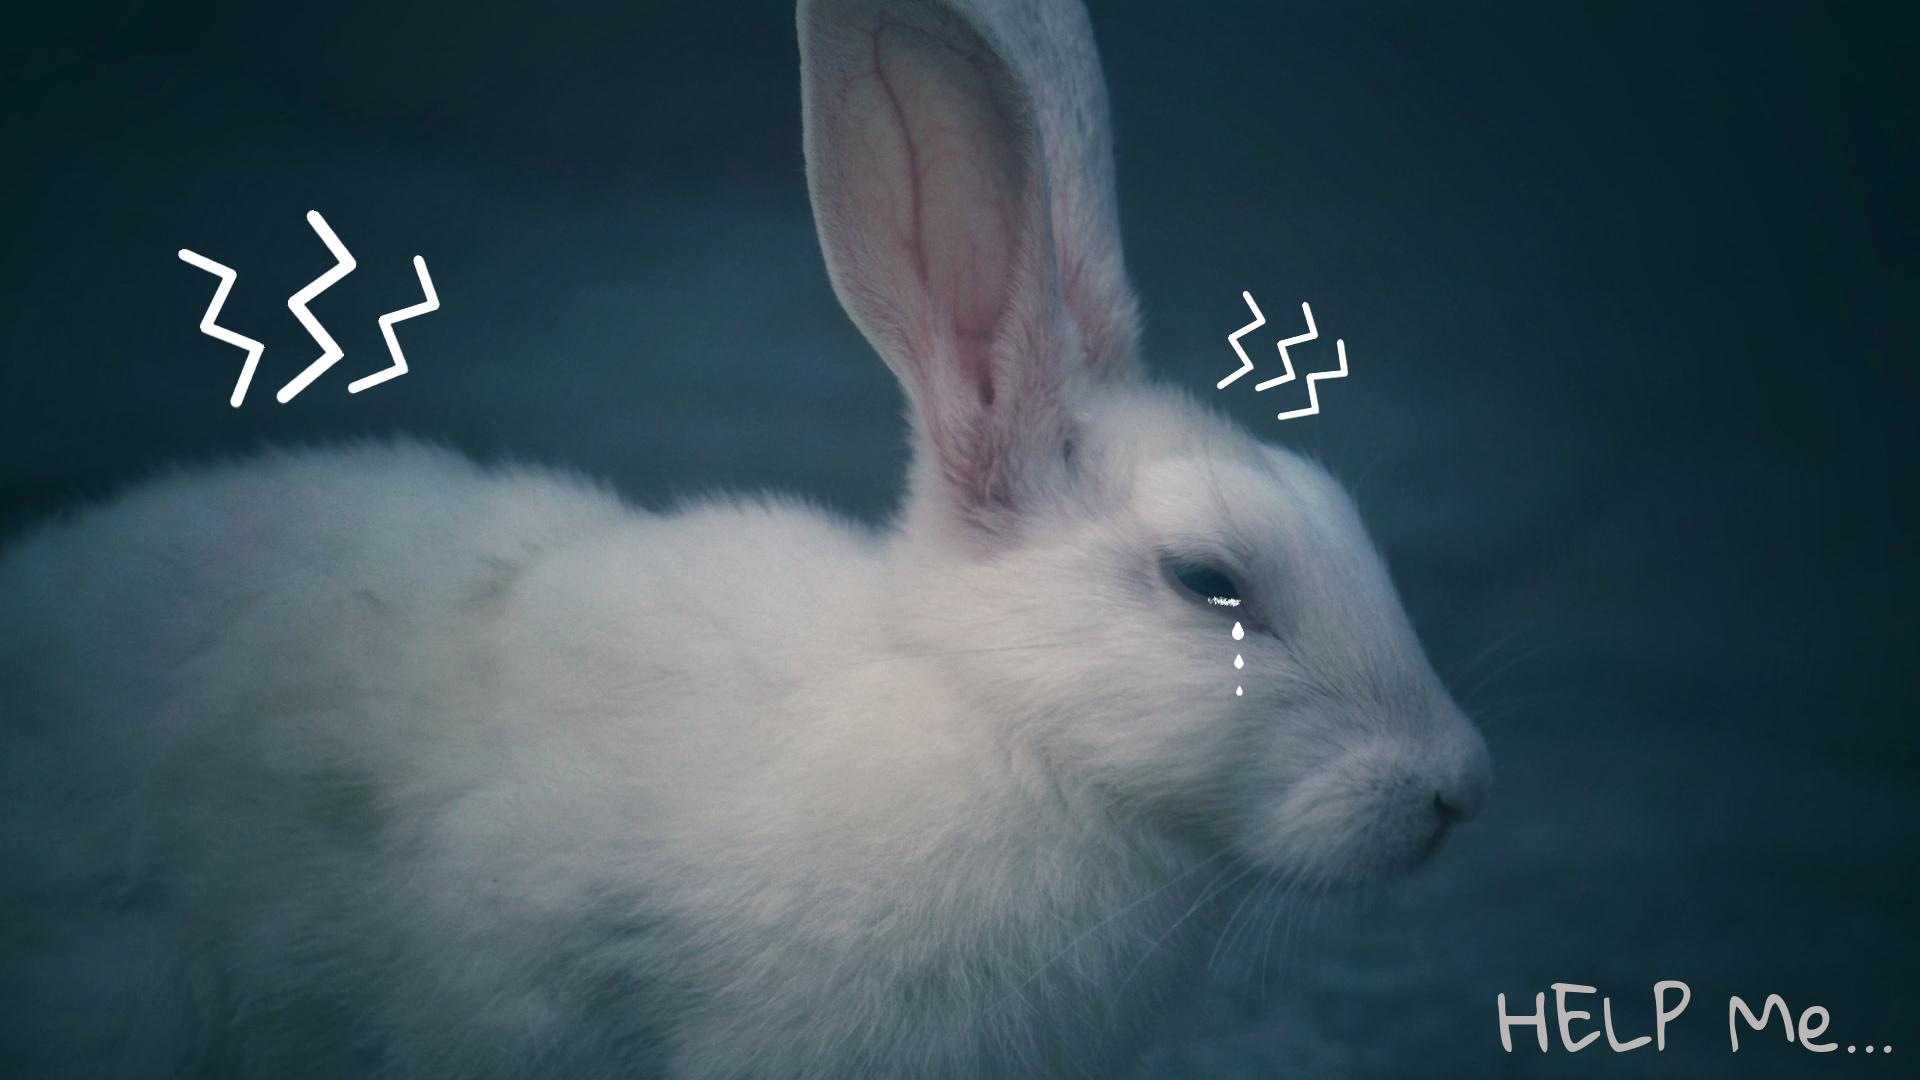 objawy bólu u królika